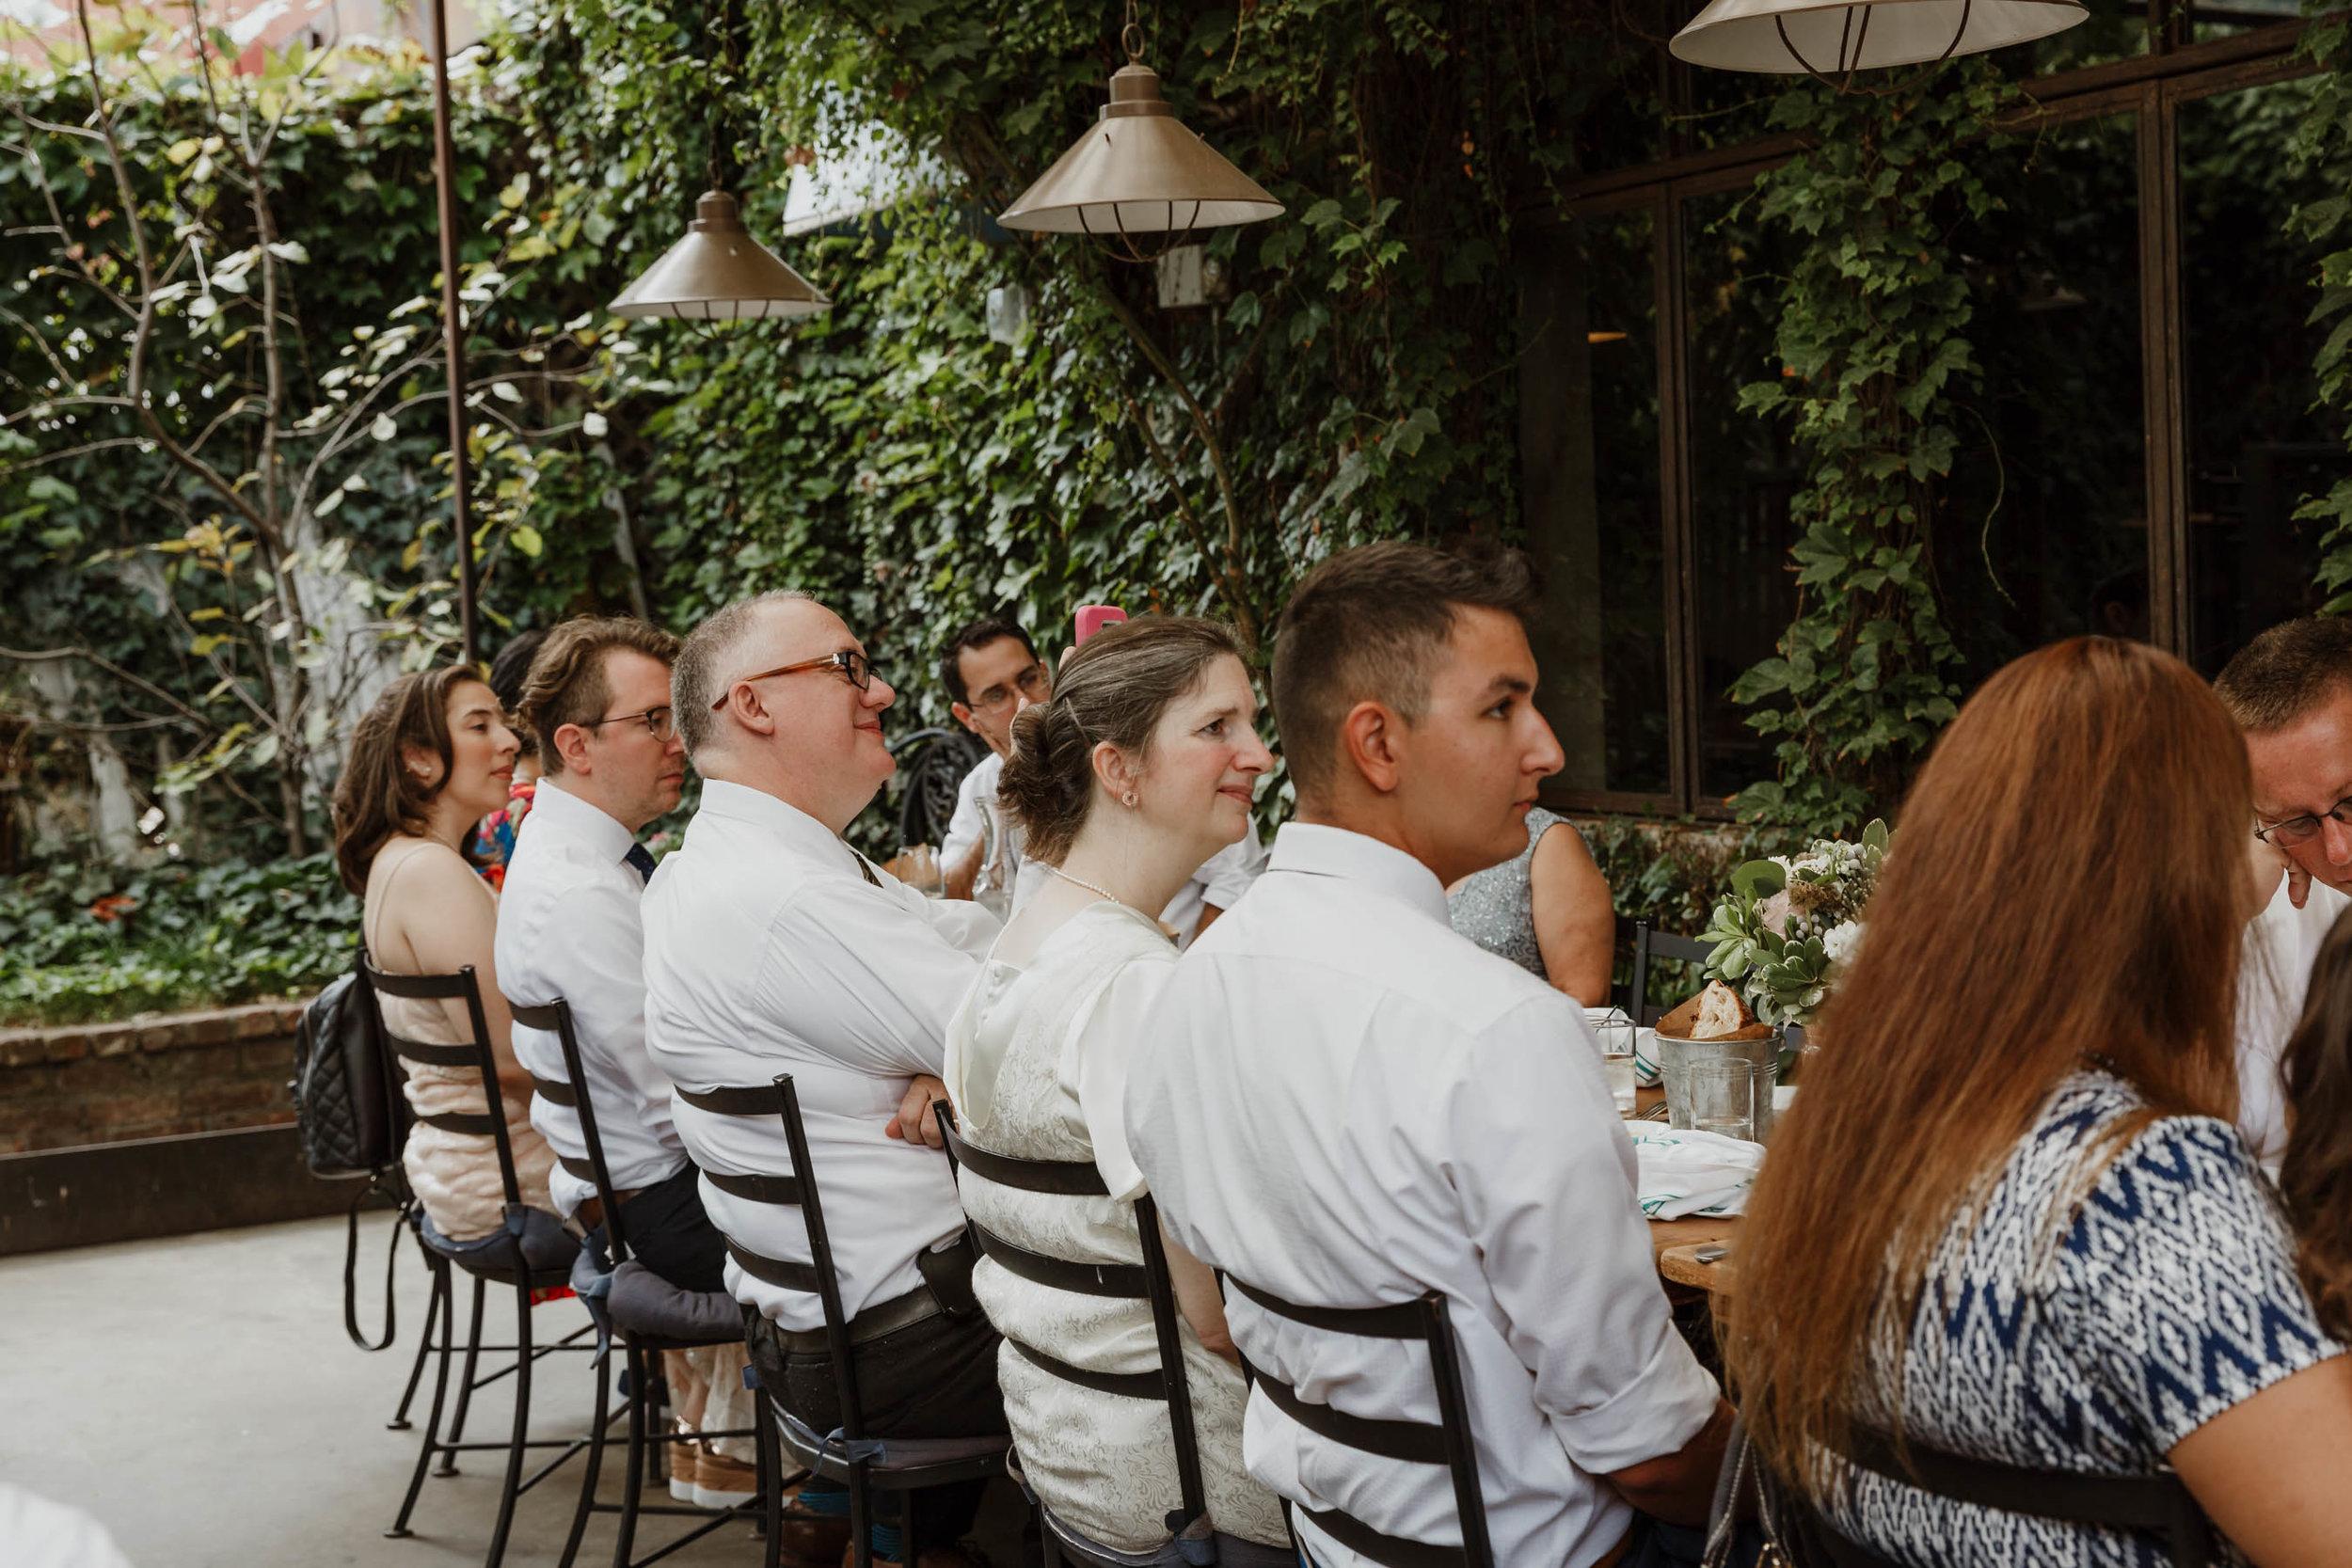 aurora-restaurant-wedding-photographer-elizabeth-tsung-photo-78.jpg